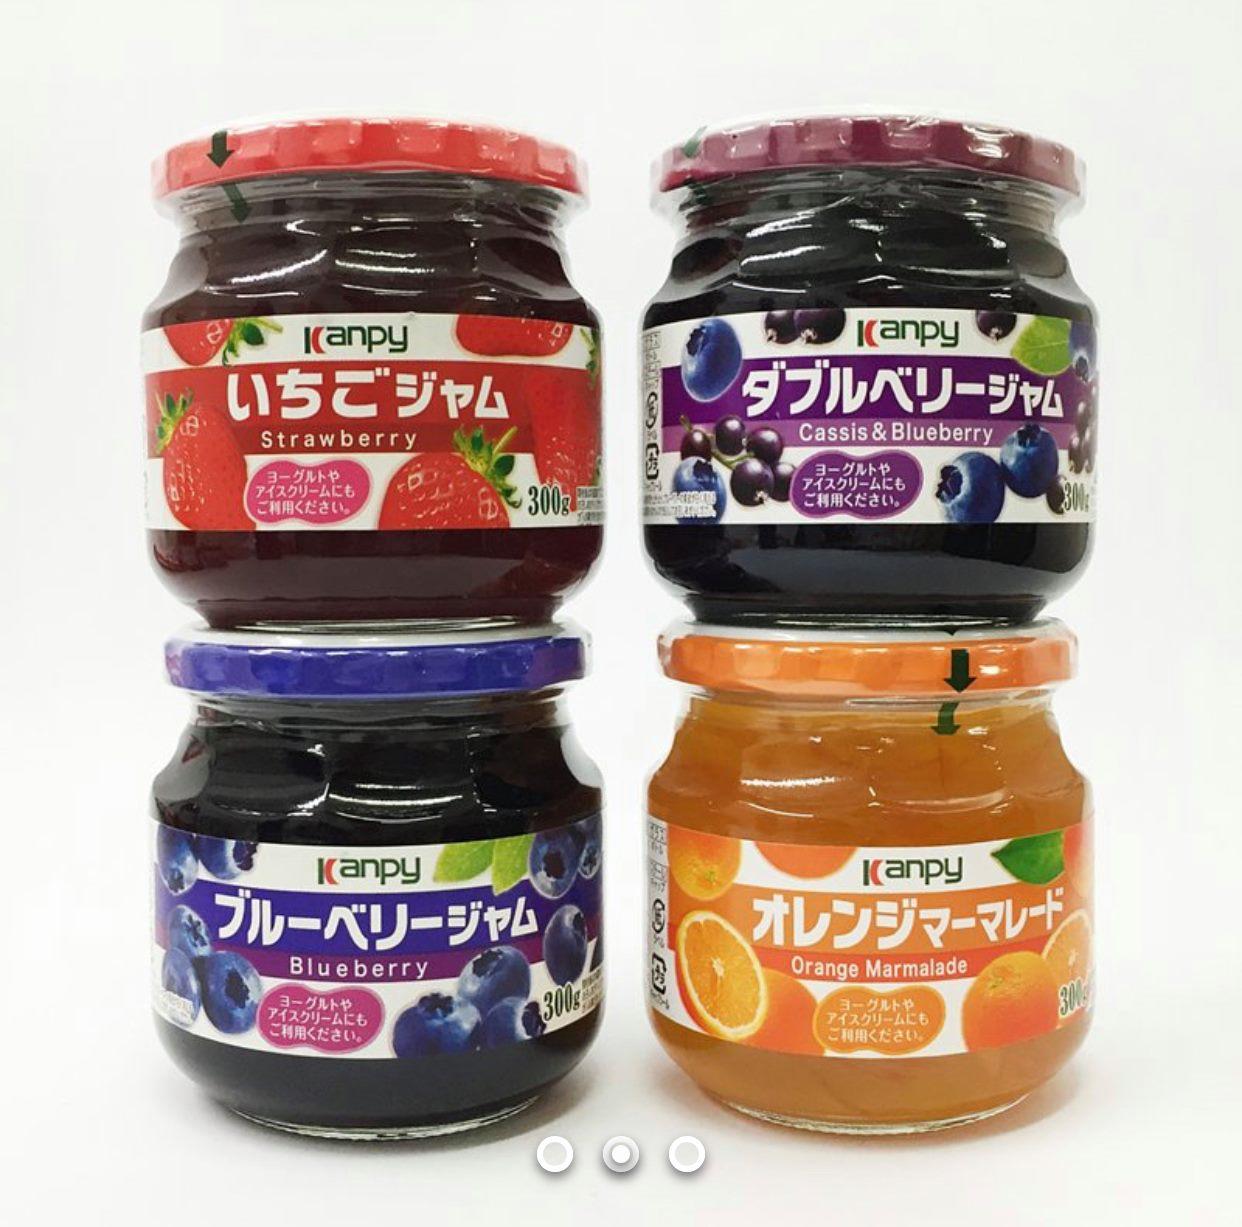 Kanpy 草莓/橘子/藍莓/黑醋栗藍莓-果醬 300g